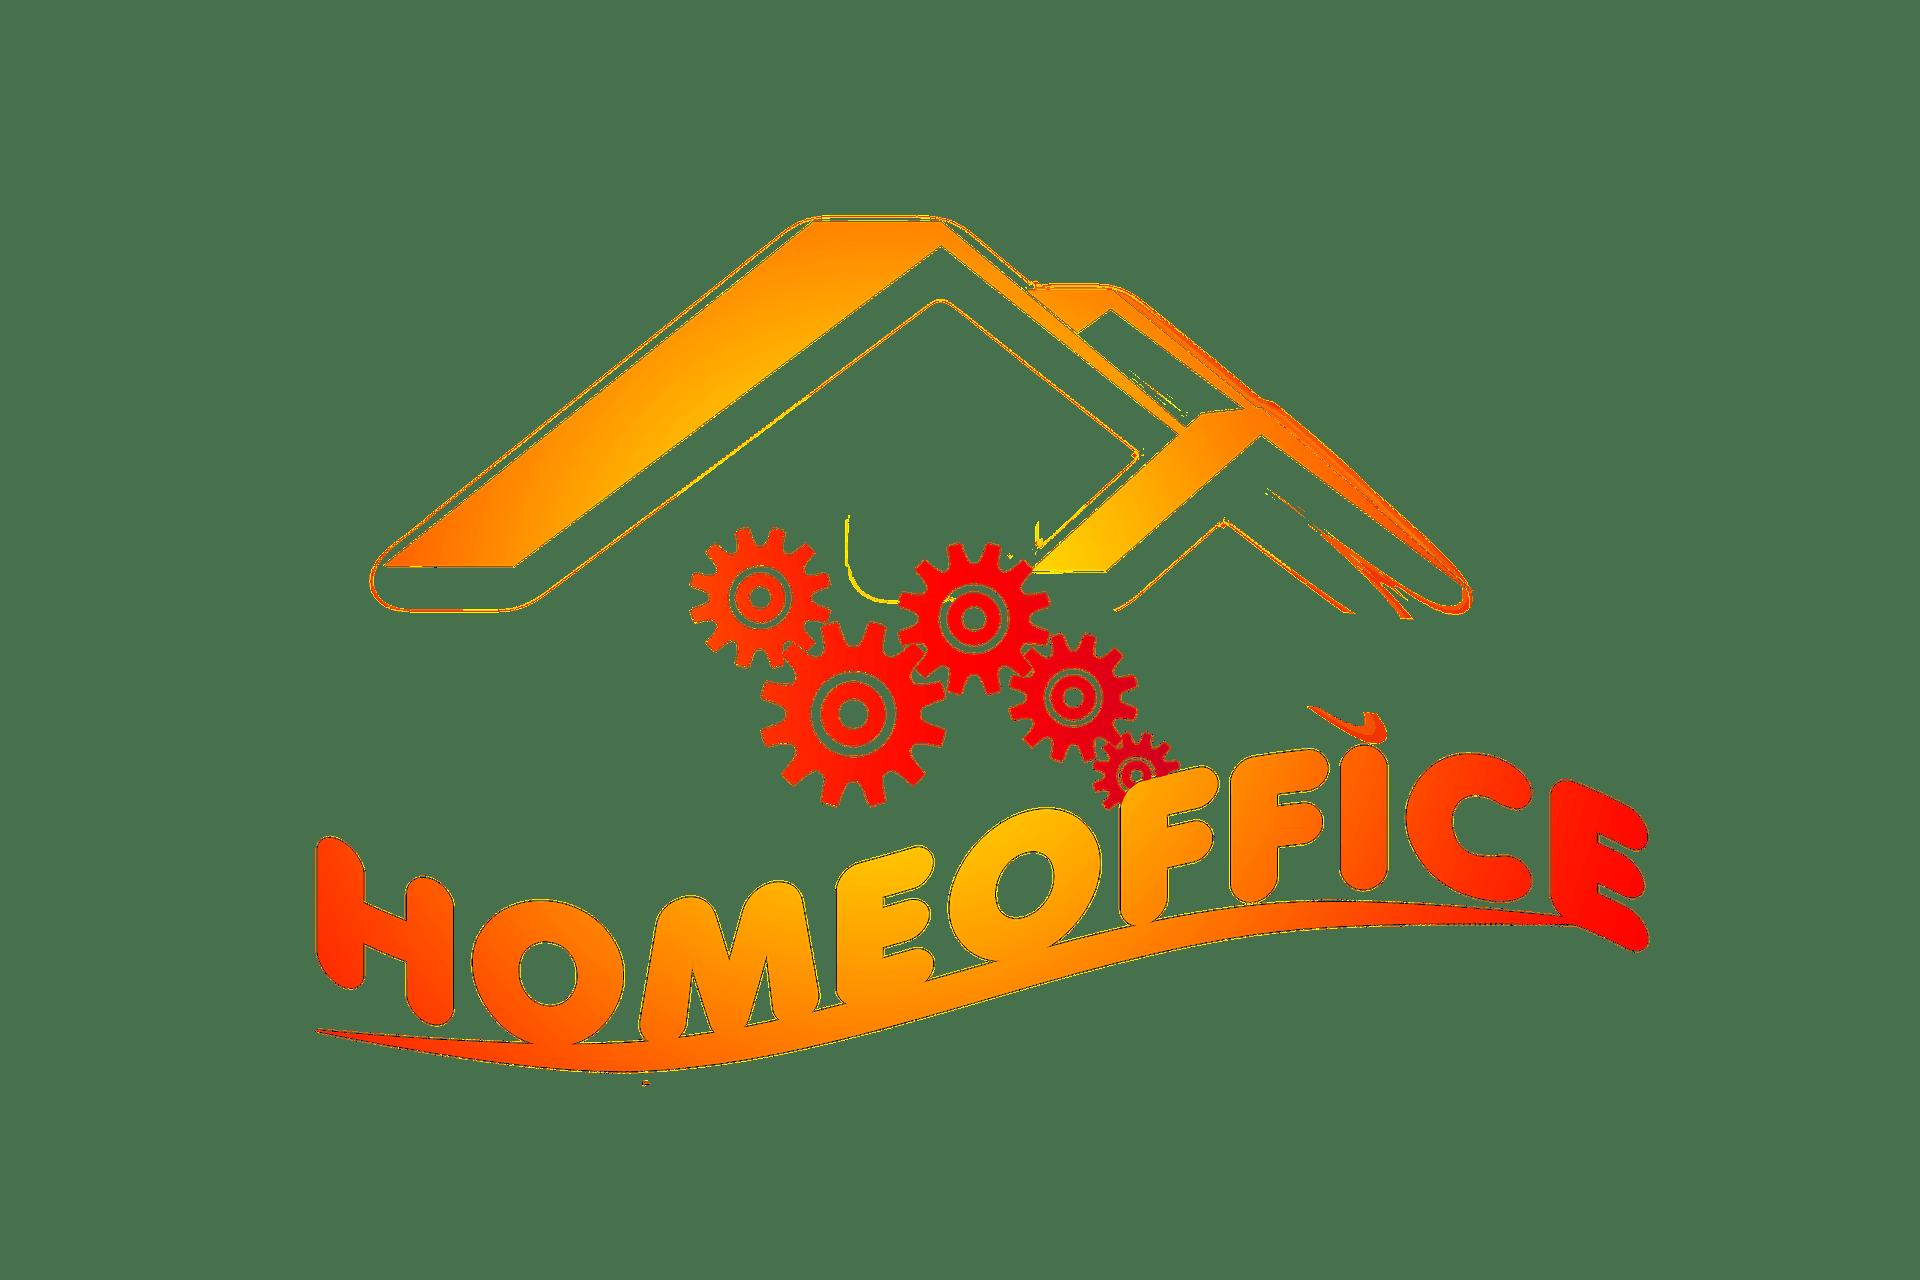 Homeoffice - arbeiten von zuhause.